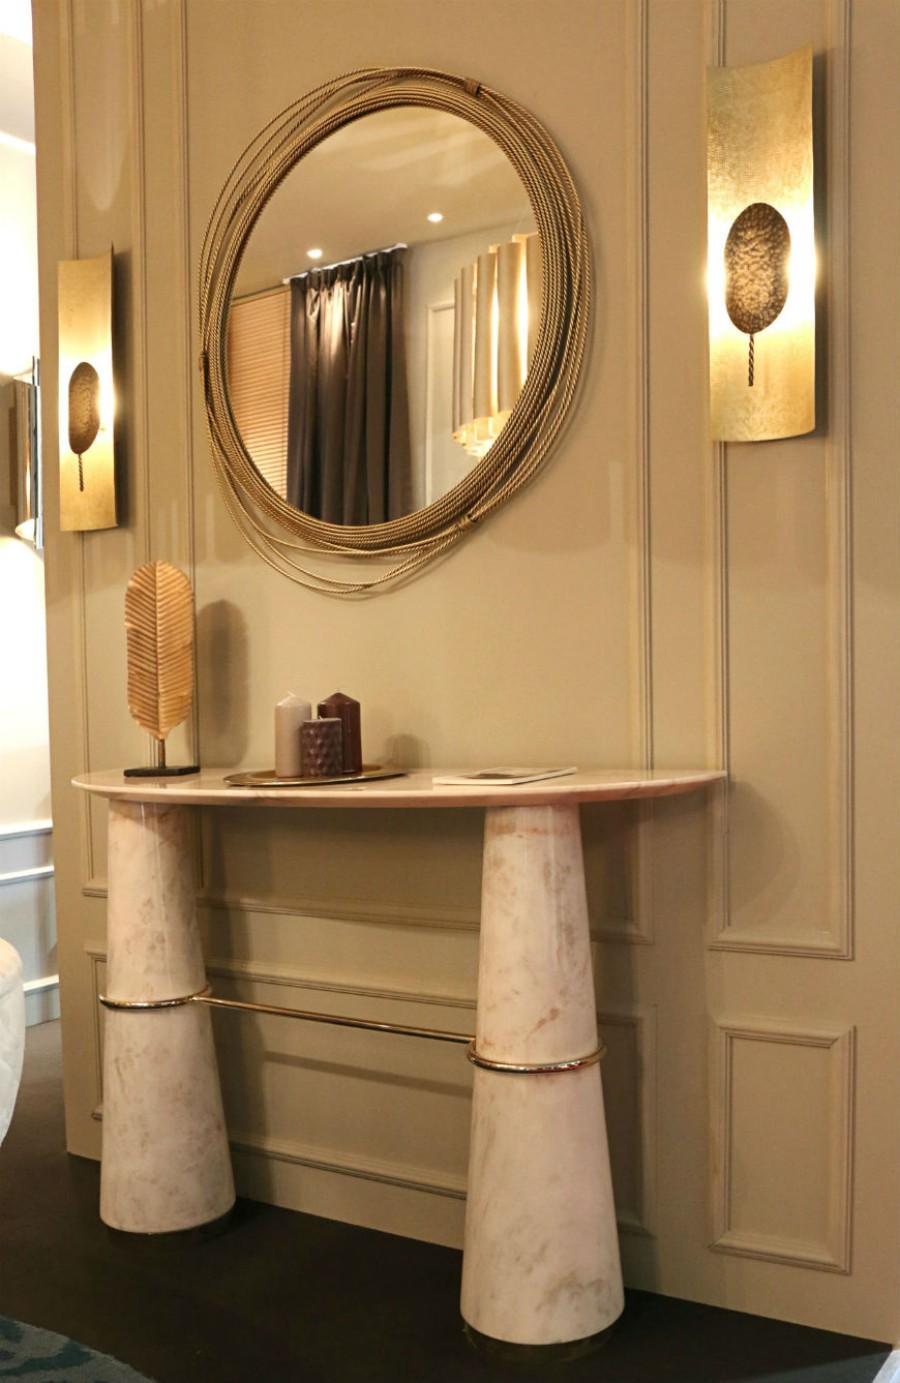 Lighting Living Room Ideas by BRABBU lighting living room ideas Lighting Living Room Ideas by BRABBU 10 Glamorous 2016 Modern Floor Lamps with Lighting 9